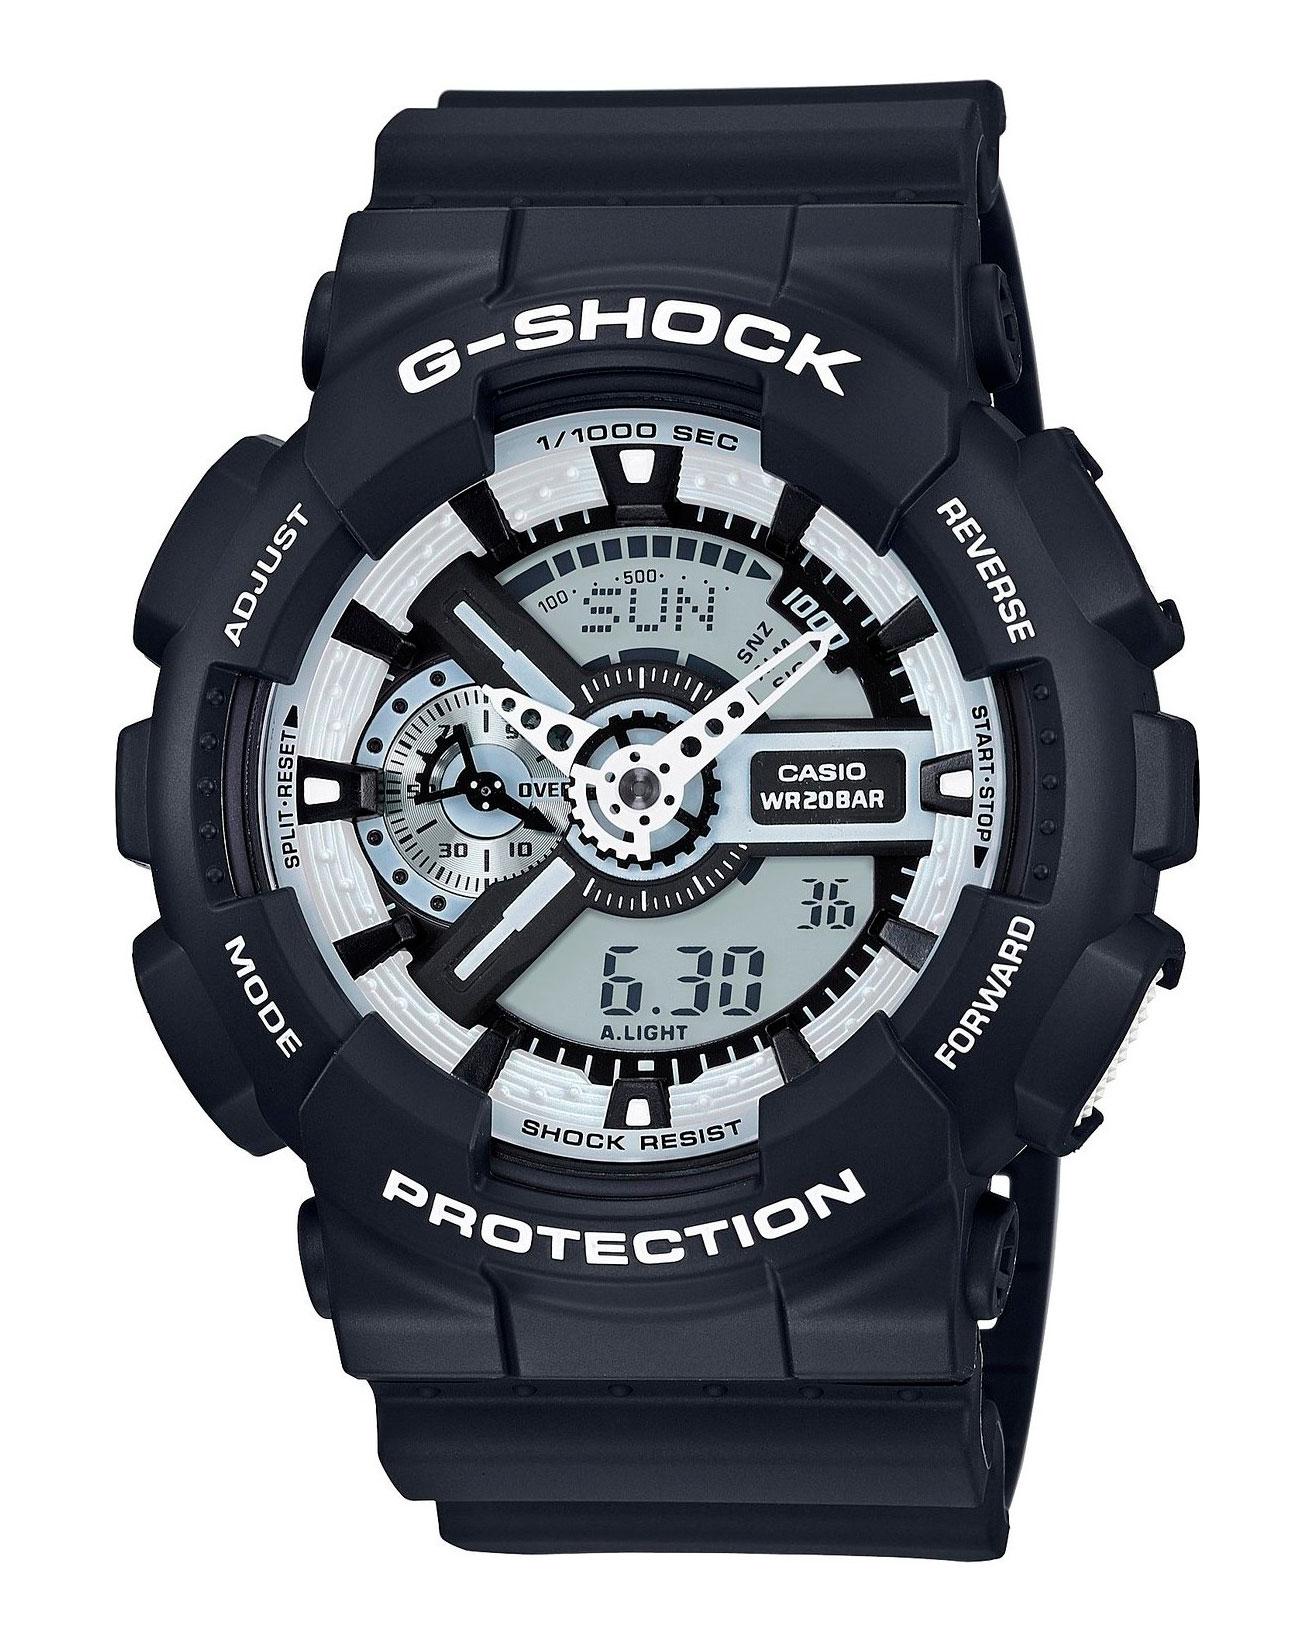 Часы наручные мужские Casio G-Shock, цвет: черный, белый. GA-110BW-1A8-2Многофункциональные мужские часы Casio G-Shock, выполнены из минерального стекла, металлического сплава и полимерного материала. Корпус часов оформлен символикой бренда.Часы оснащены ударопрочным корпусом с электронно-механическим механизмом, имеют степень влагозащиты равную 20 atm, а также дополнены устойчивым к царапинам минеральным стеклом.Браслет часов оснащен застежкой-пряжкой, которая позволит с легкостью снимать и надевать изделие. Корпус часов дополнен мощной светодиодной подсветкой.Дополнительные функции: таймер, будильник, функция повтора будильника, секундомер, функция мирового времени, автоматический календарь, отображение времени в 12-часовом или 24-часовом формате, функция отображения средней скорости пройденного маршрута.Часы поставляются в фирменной упаковке.Многофункциональные часы Casio G-Shock подчеркнут отменное чувство стиля своего обладателя.